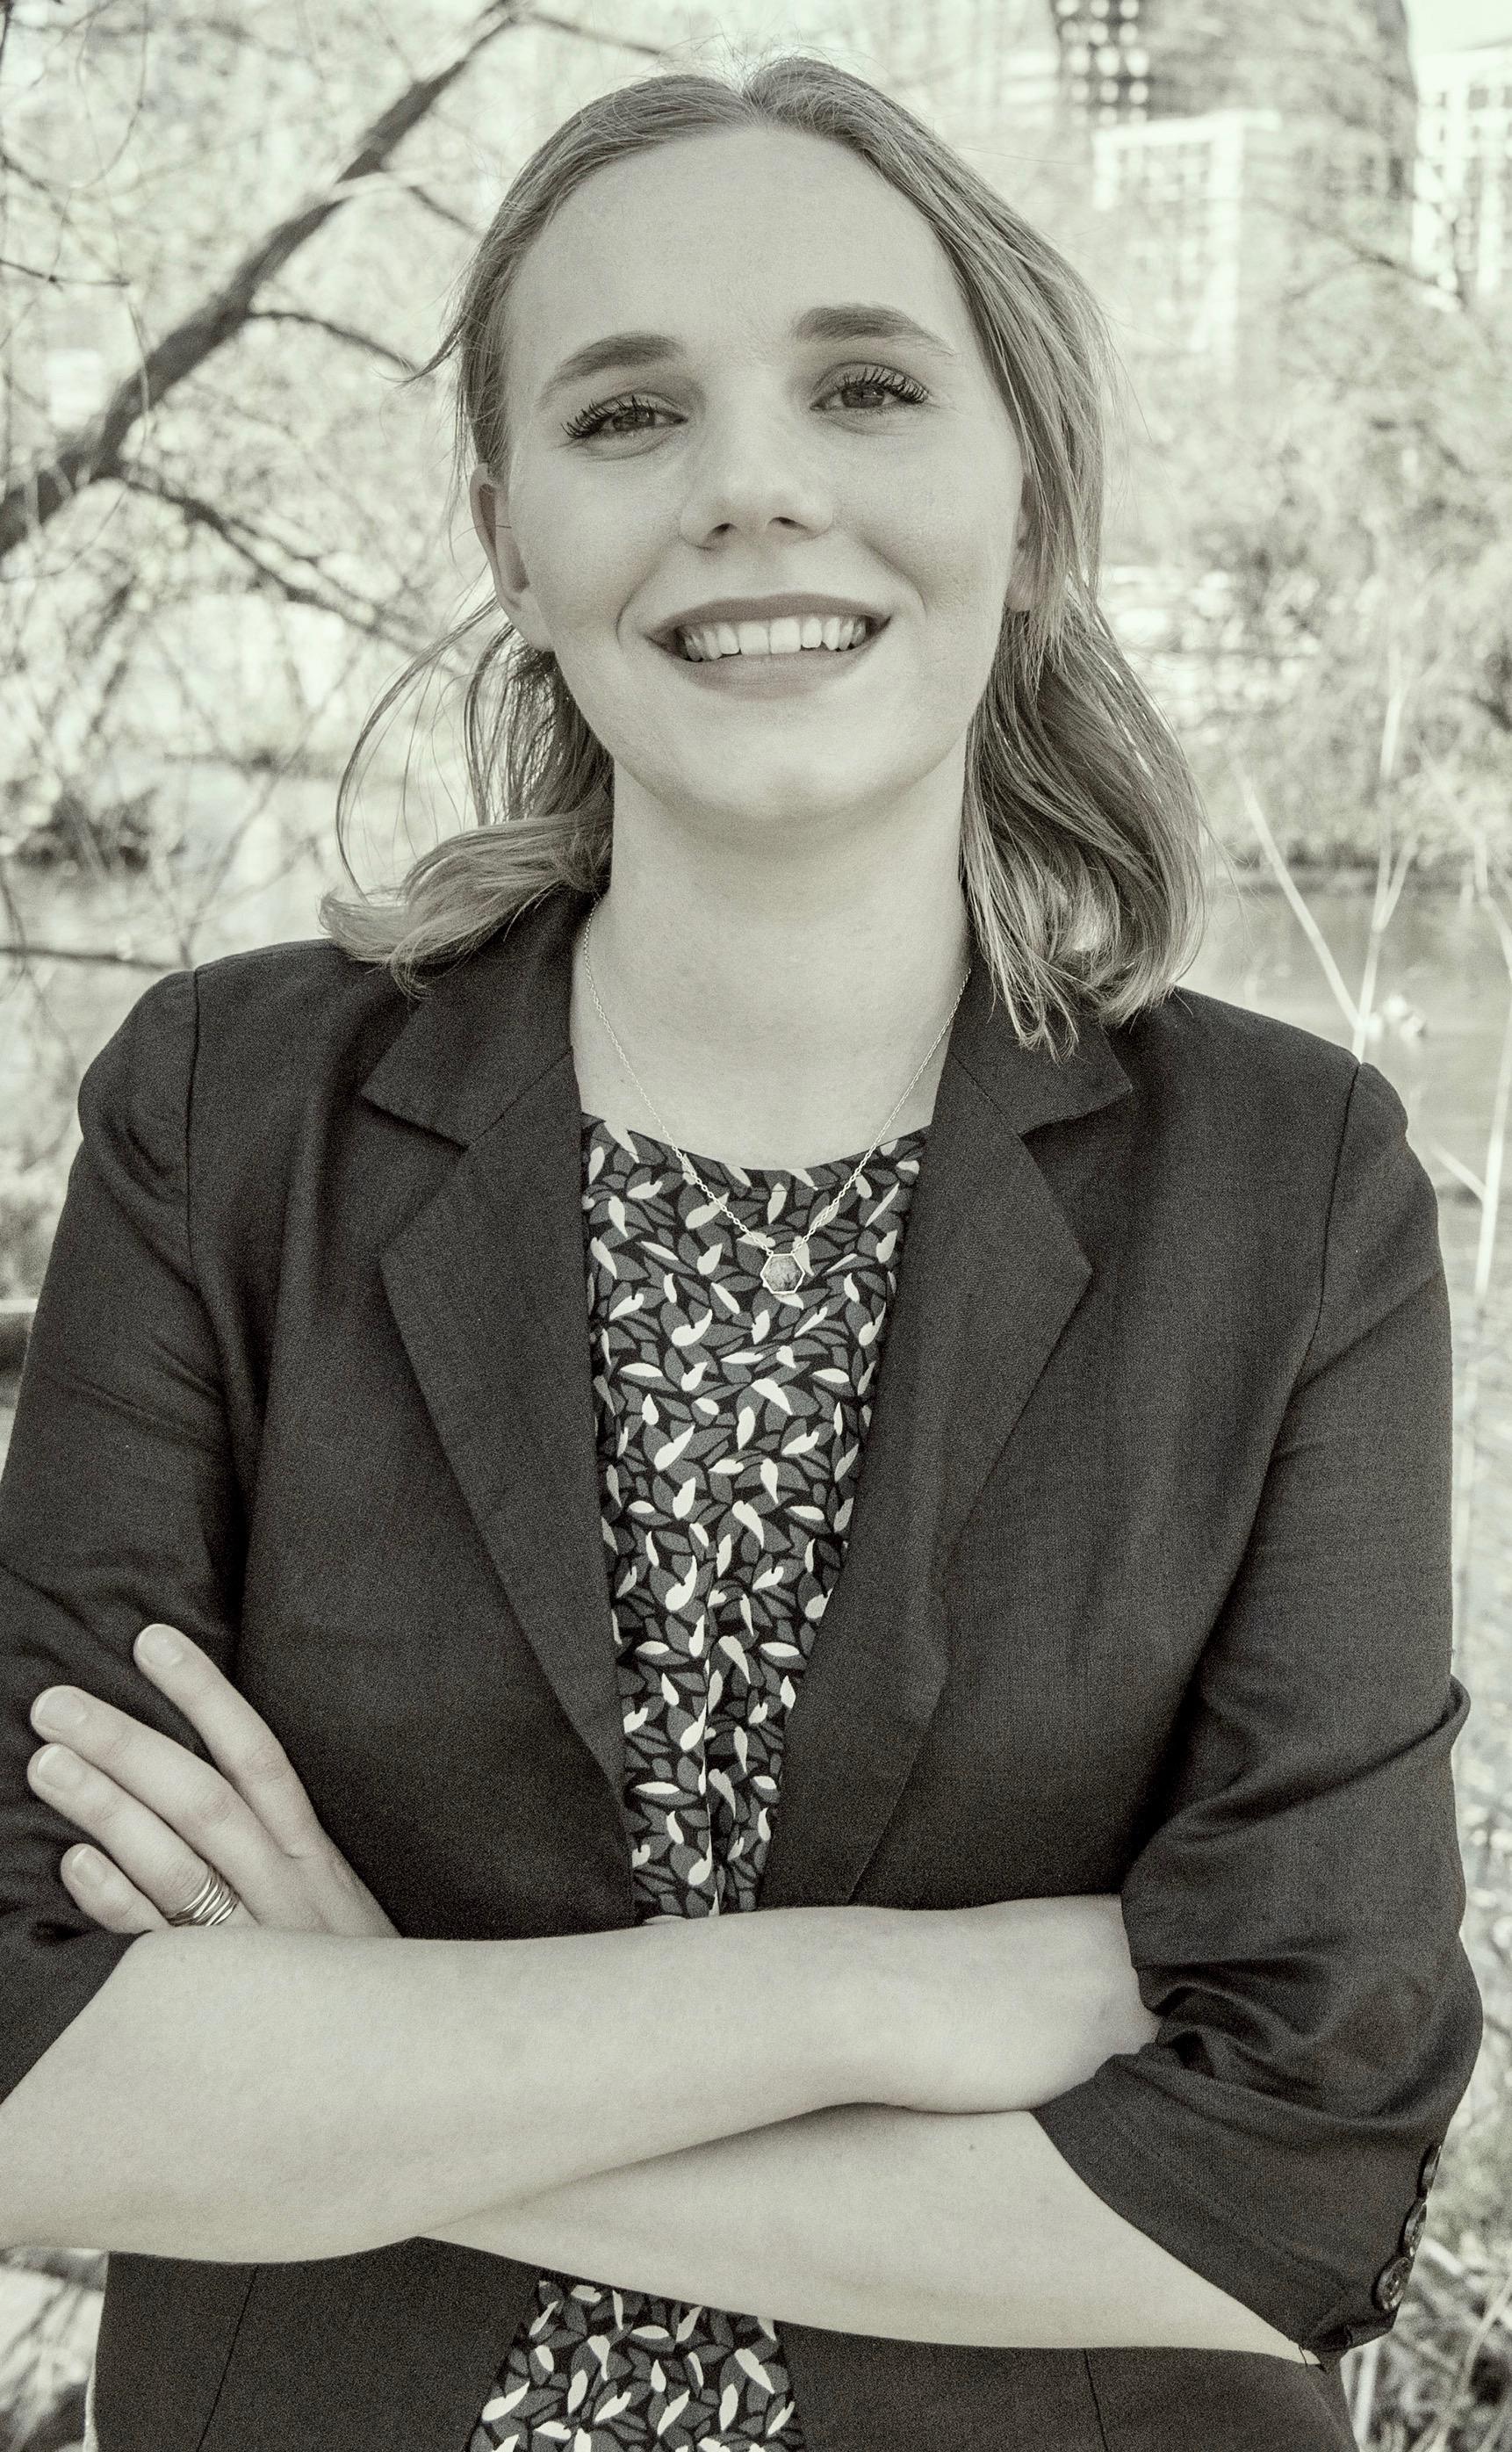 Alyssa Anderson headshot